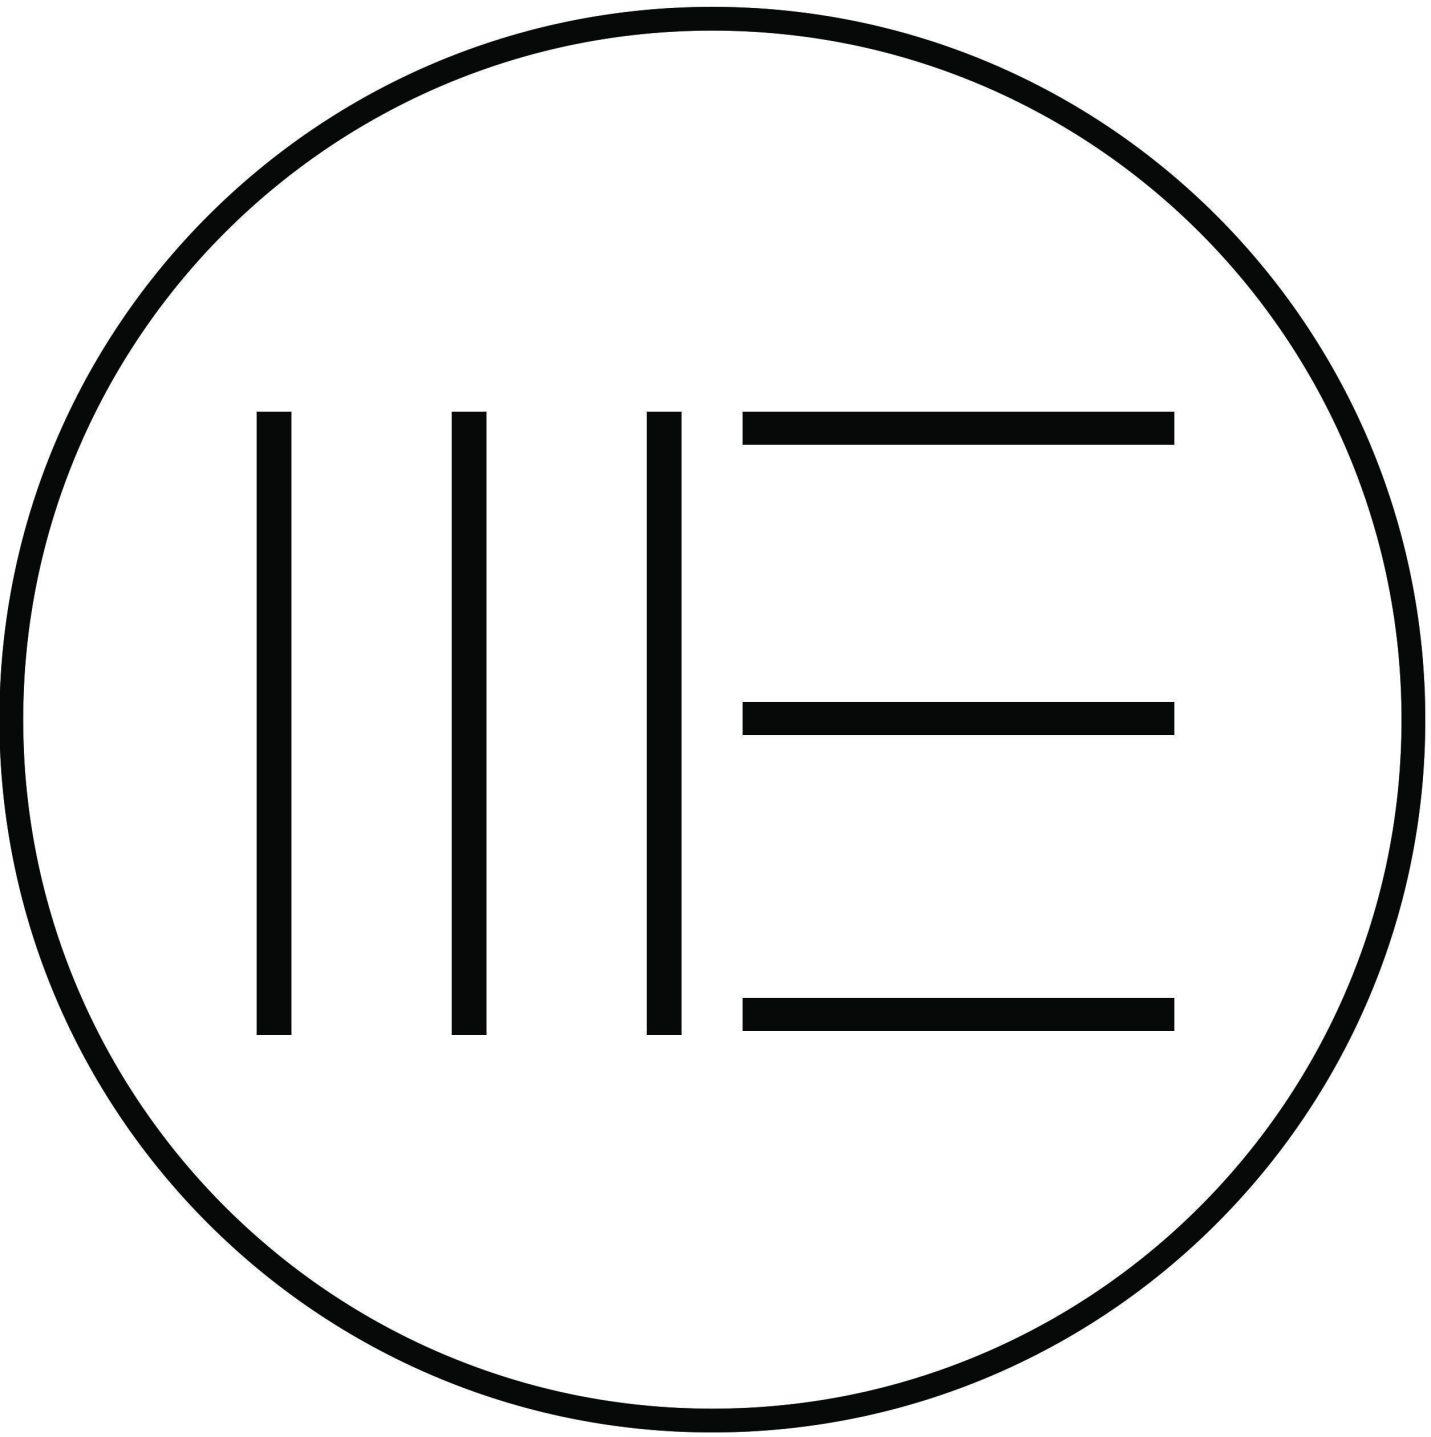 designmestudio-logo